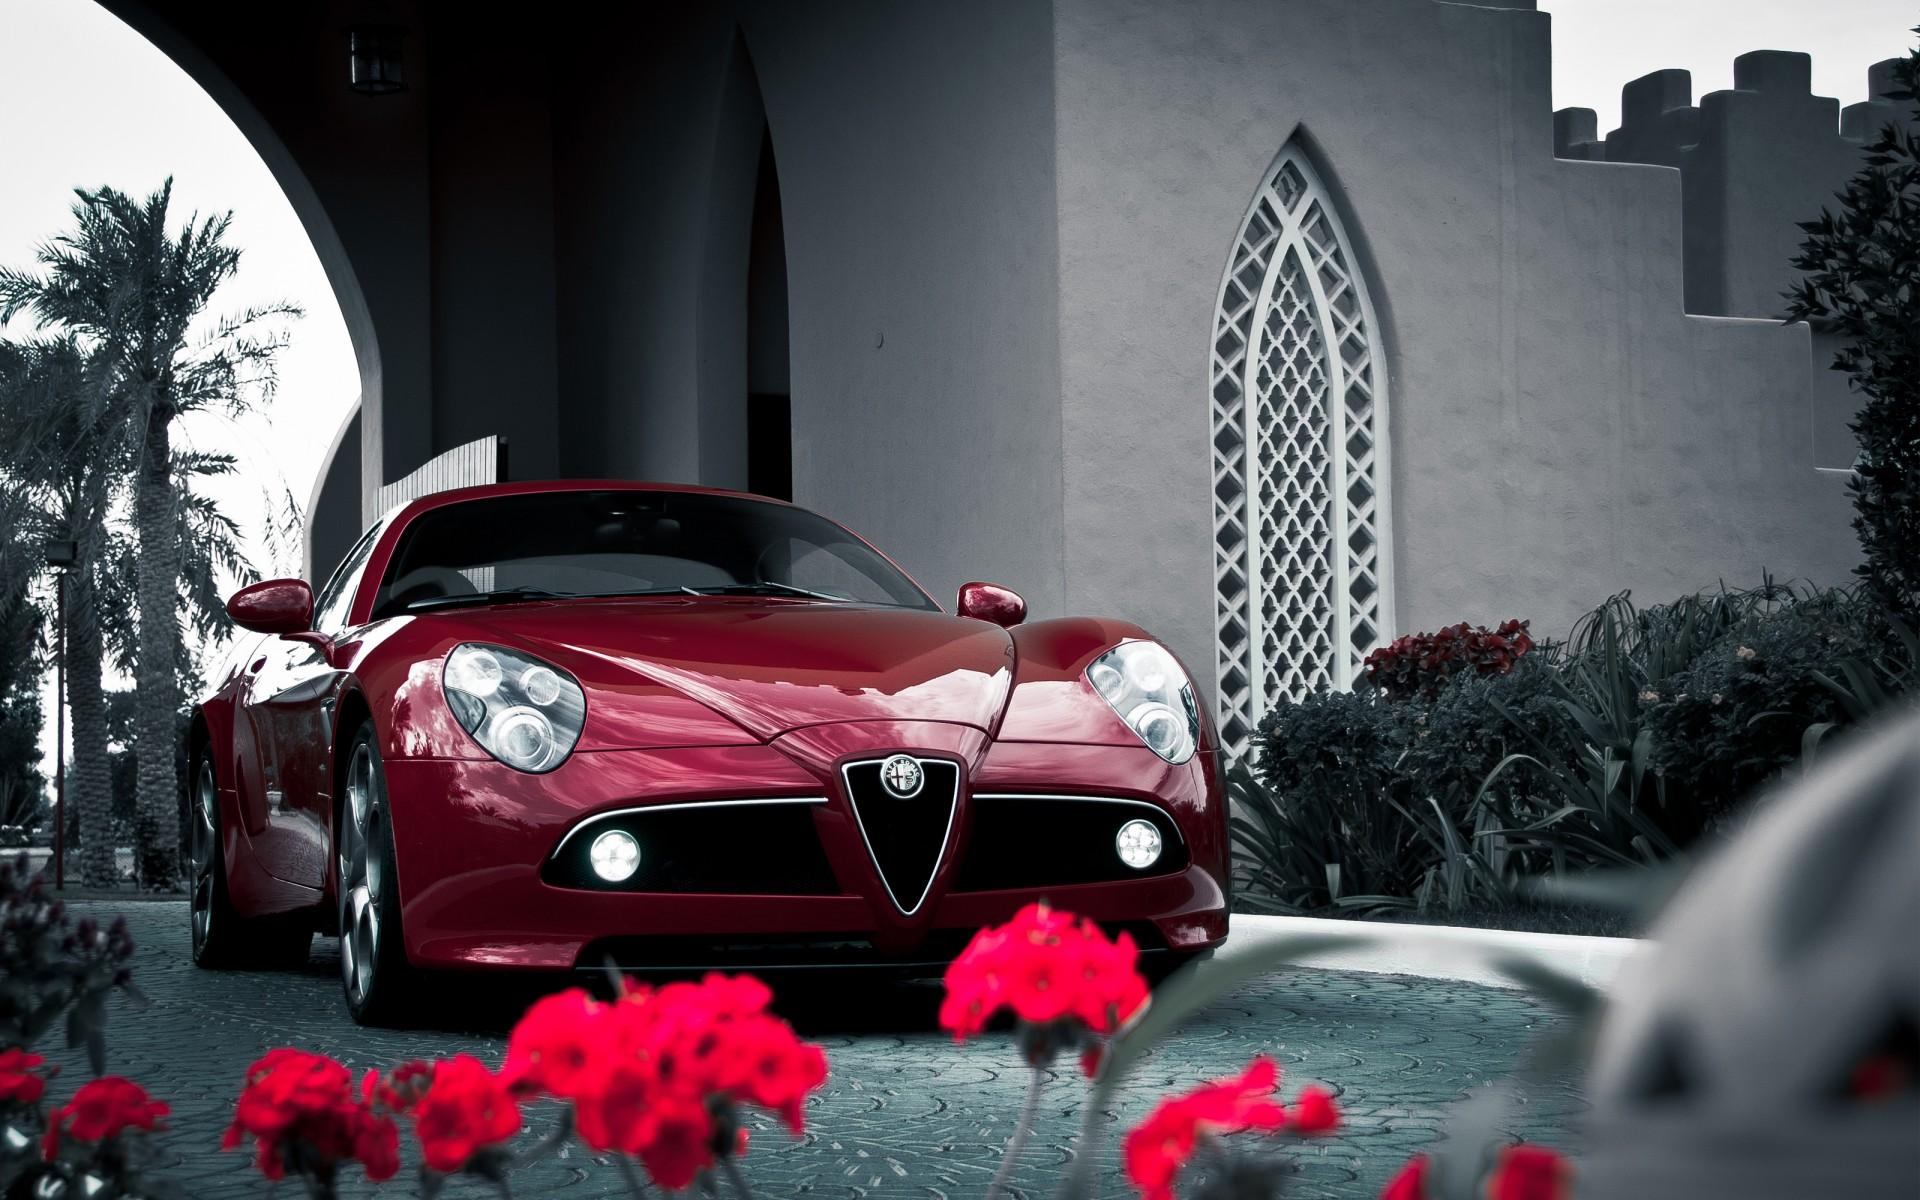 Alfa Romeo Disco Volante >> Alfa Romeo 8C Competizione Sports Car Wallpaper   HD Car Wallpapers   ID #3012